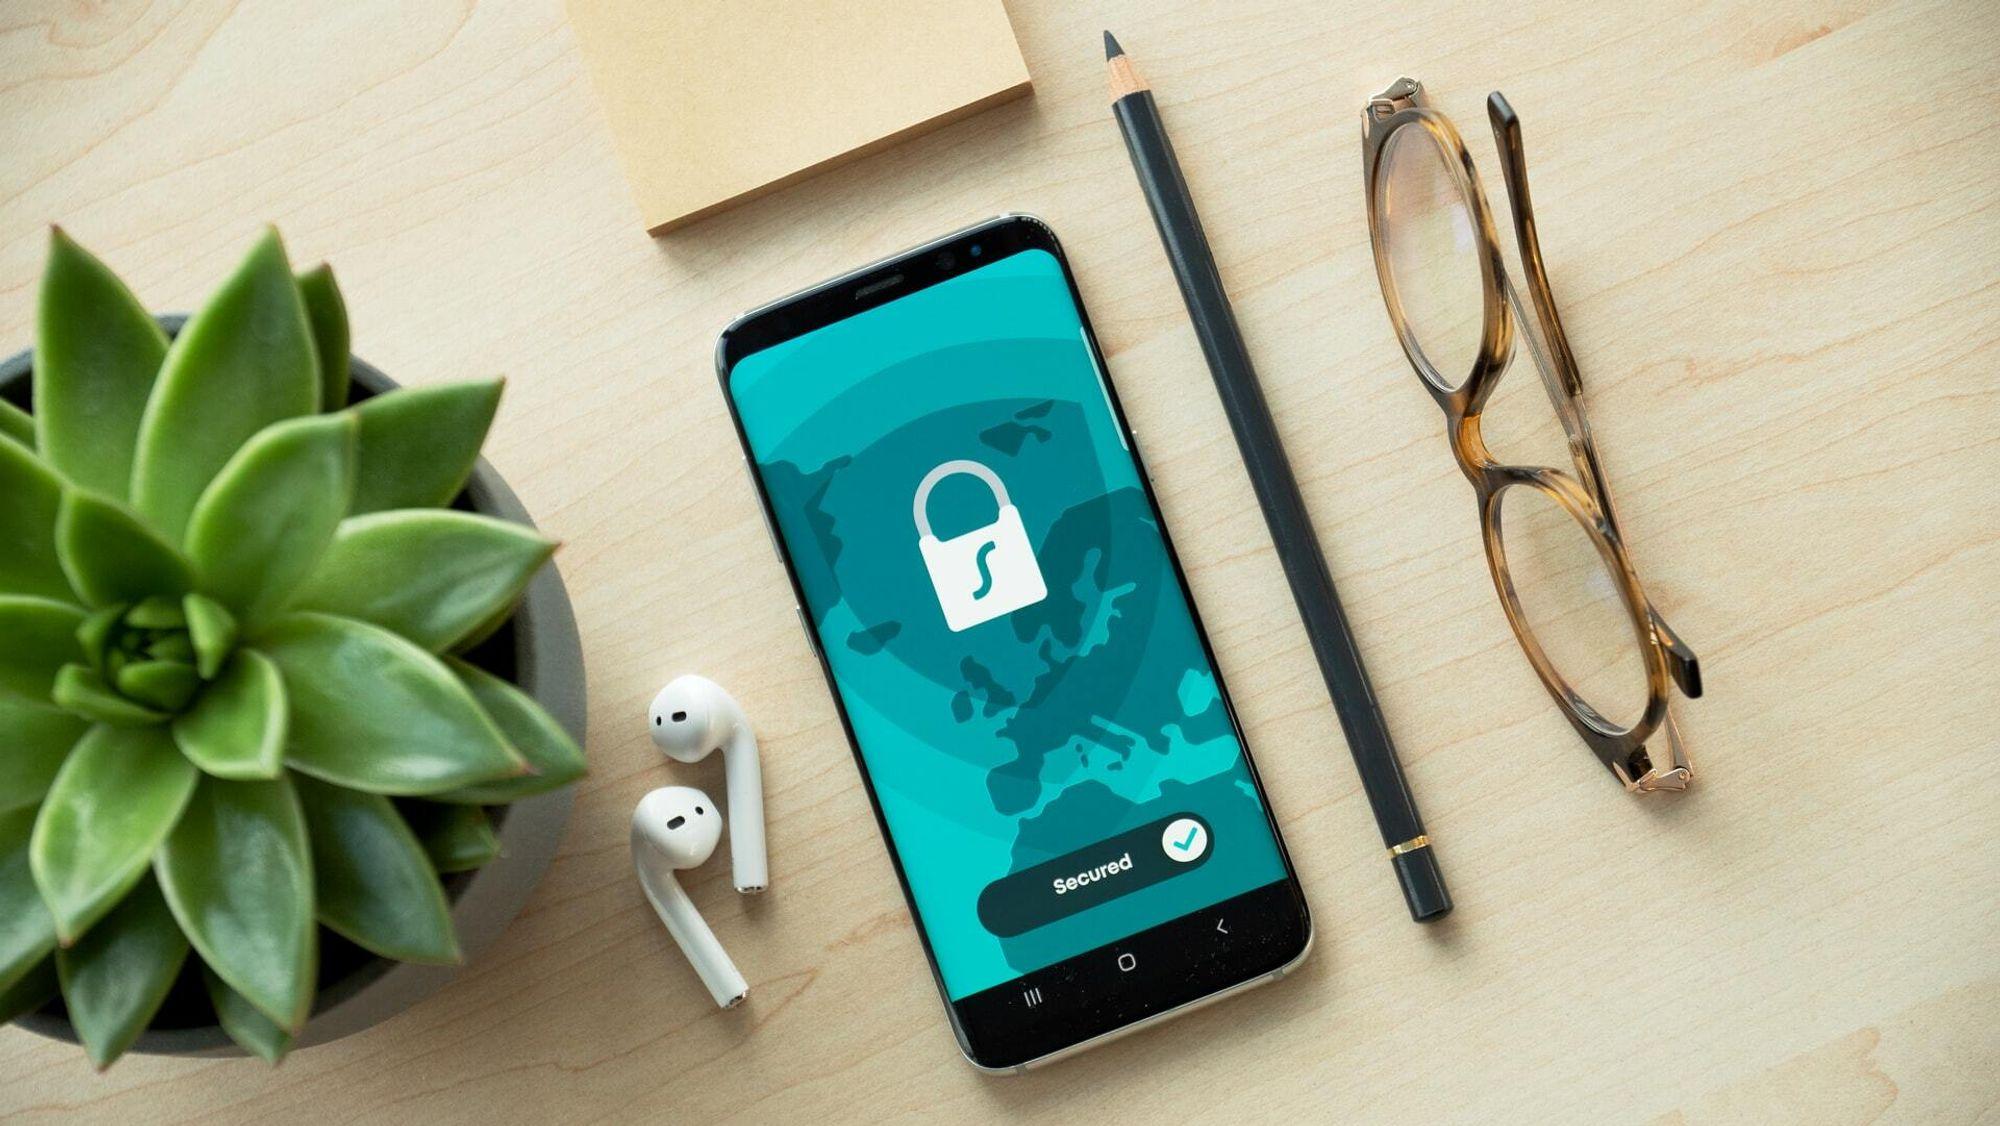 Cybersikkerhet er en stor utfordring for brukere og tilbydere av digitale tjenester. Den ledende finansagenten i Norden, Axo Finans, har et sterkt fokus på cybersikkerheten til sine kunder.